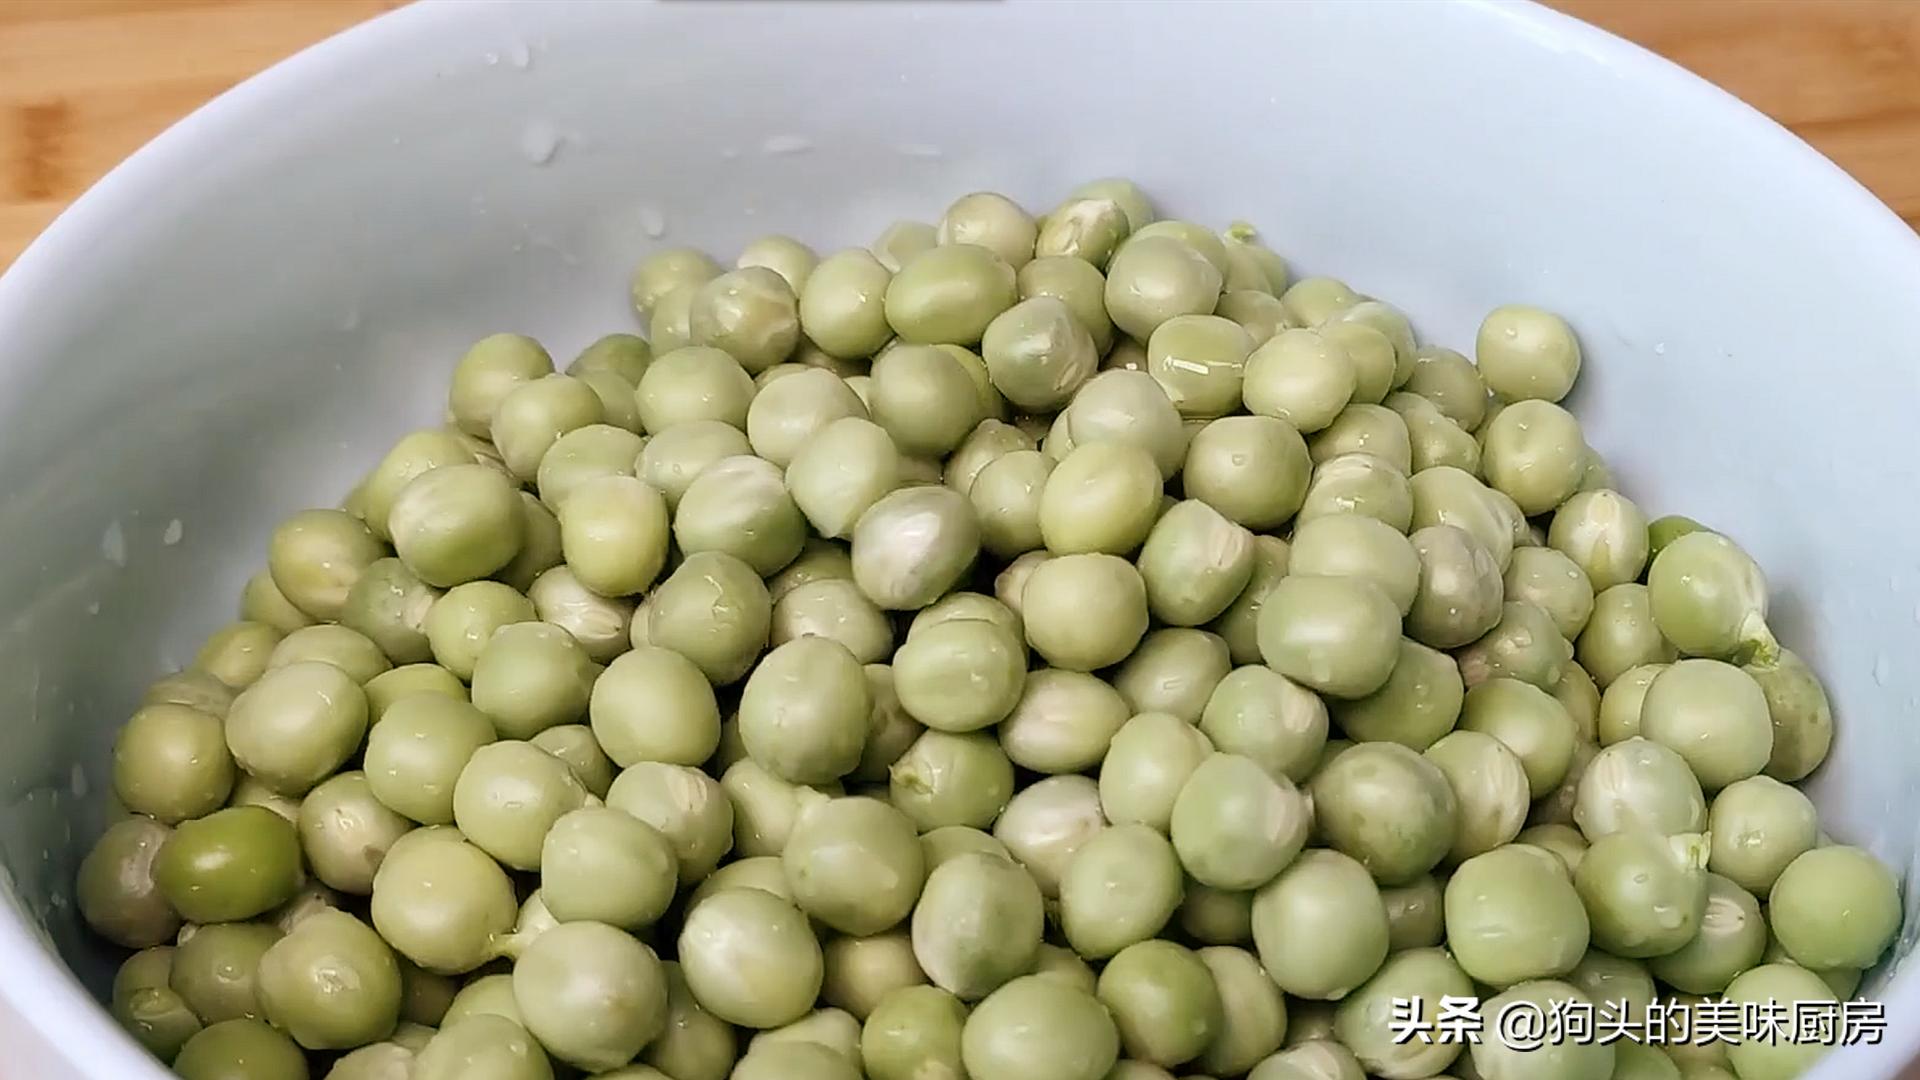 豌豆不要炒着吃了,加两个鸡蛋,比吃肉还香,上桌就抢光 美食做法 第4张